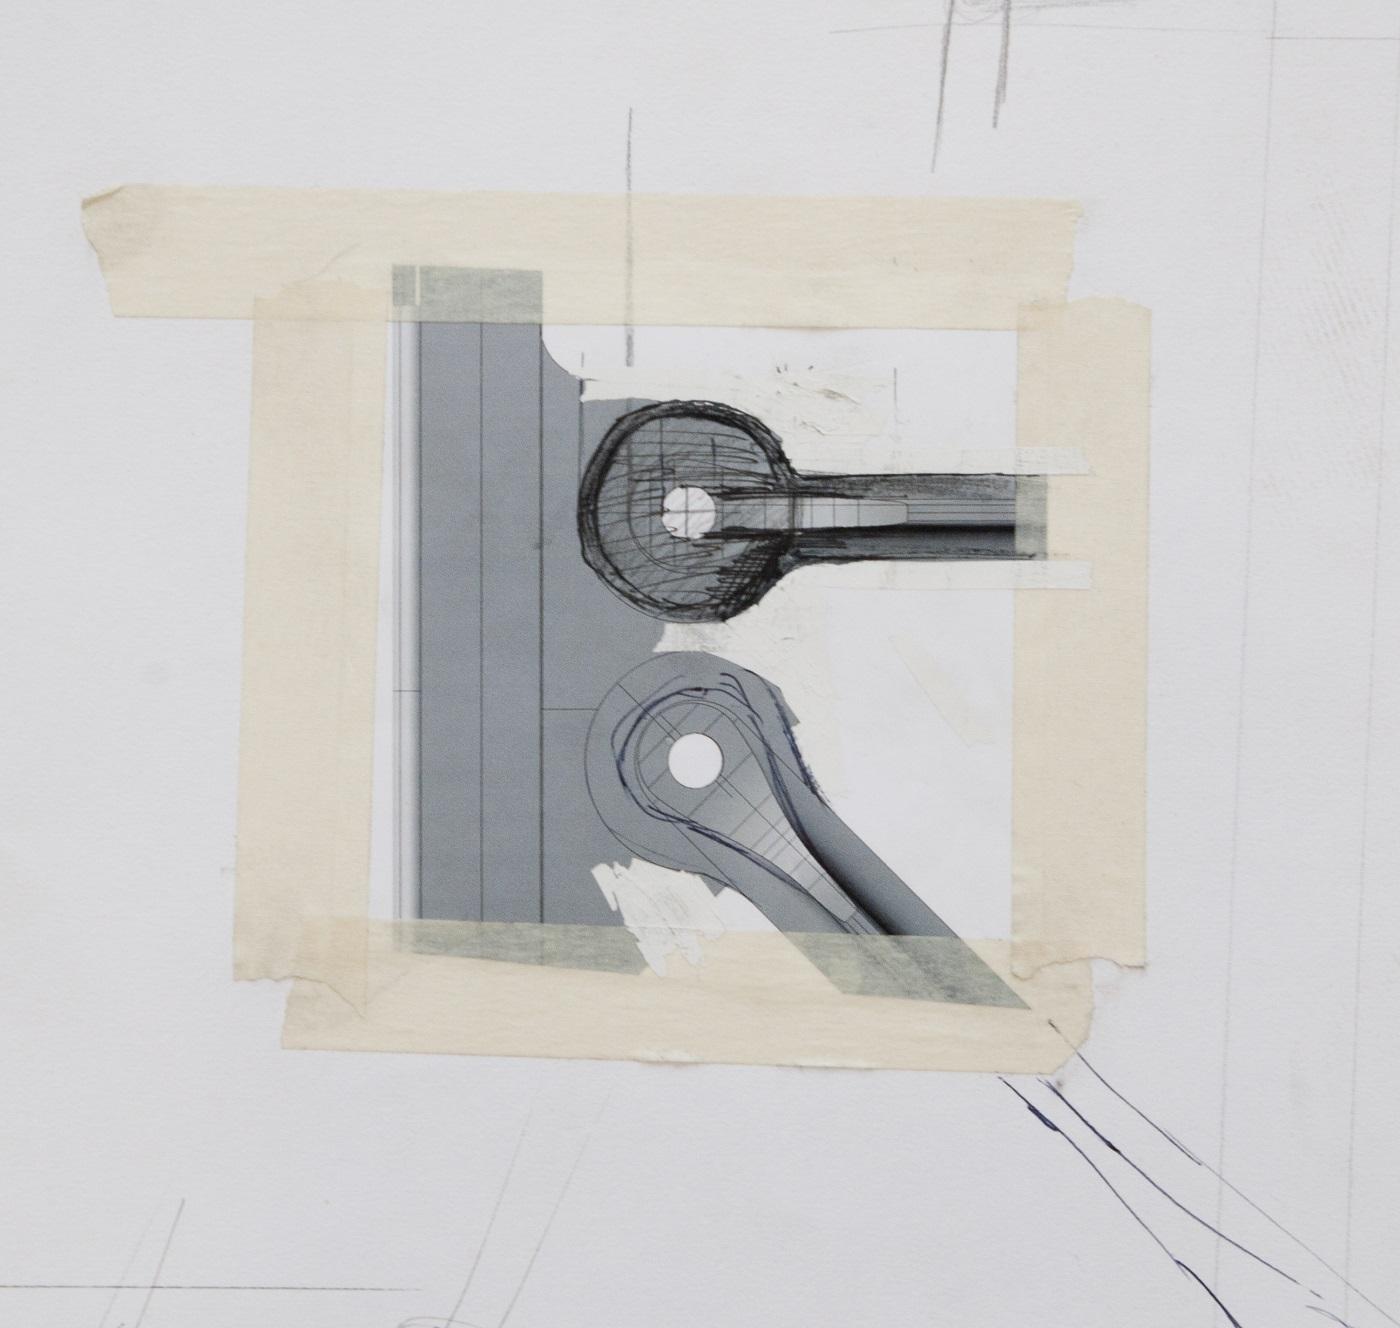 Construction Lamp schets van Joost van Bleiswijk